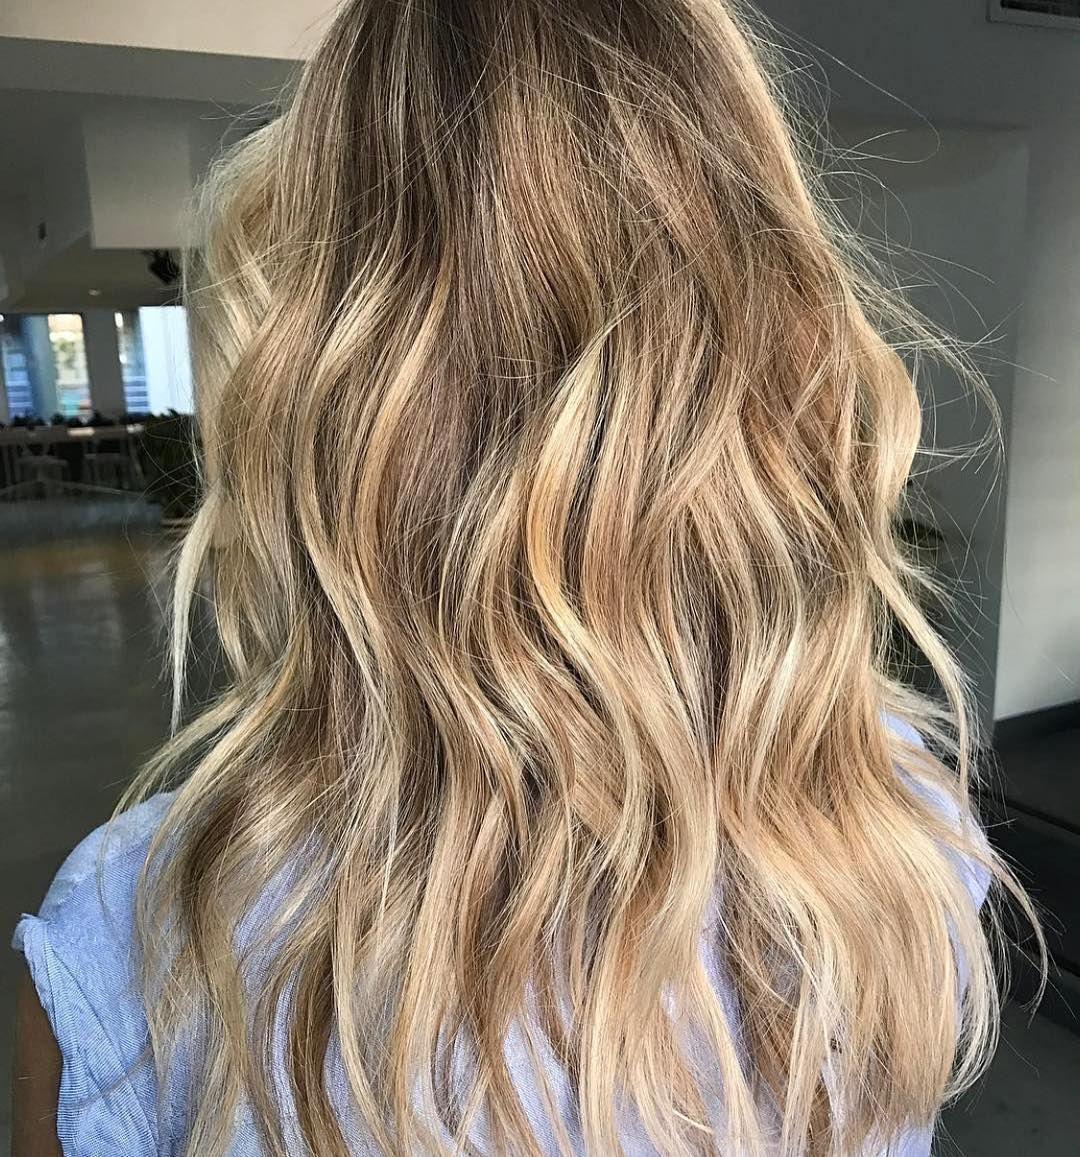 Hair Salons Across Australia On Instagram The Perfect Summer - The look hair salon